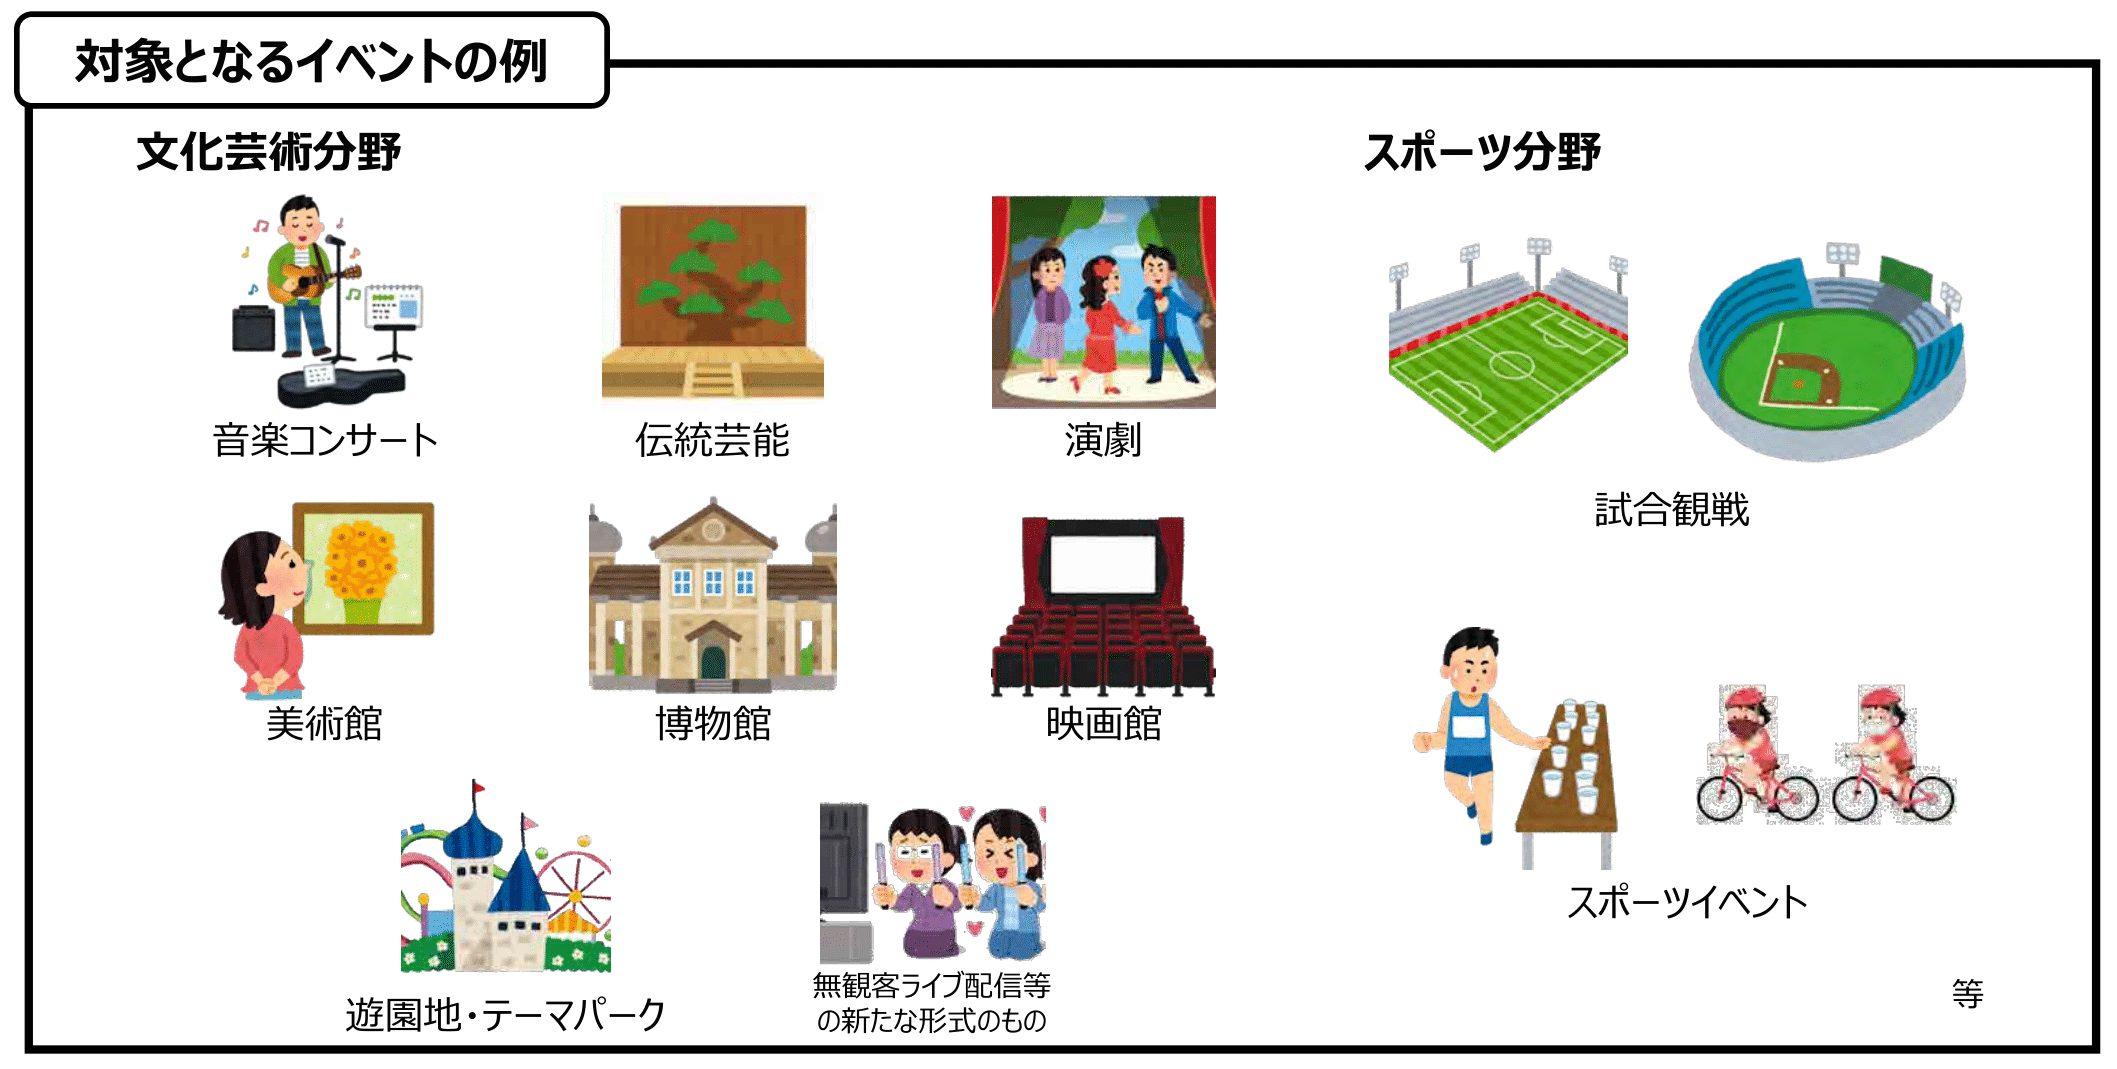 政府「GoToイベント」「GoTo商店街」10月中旬から販売事業者、主催者 ...